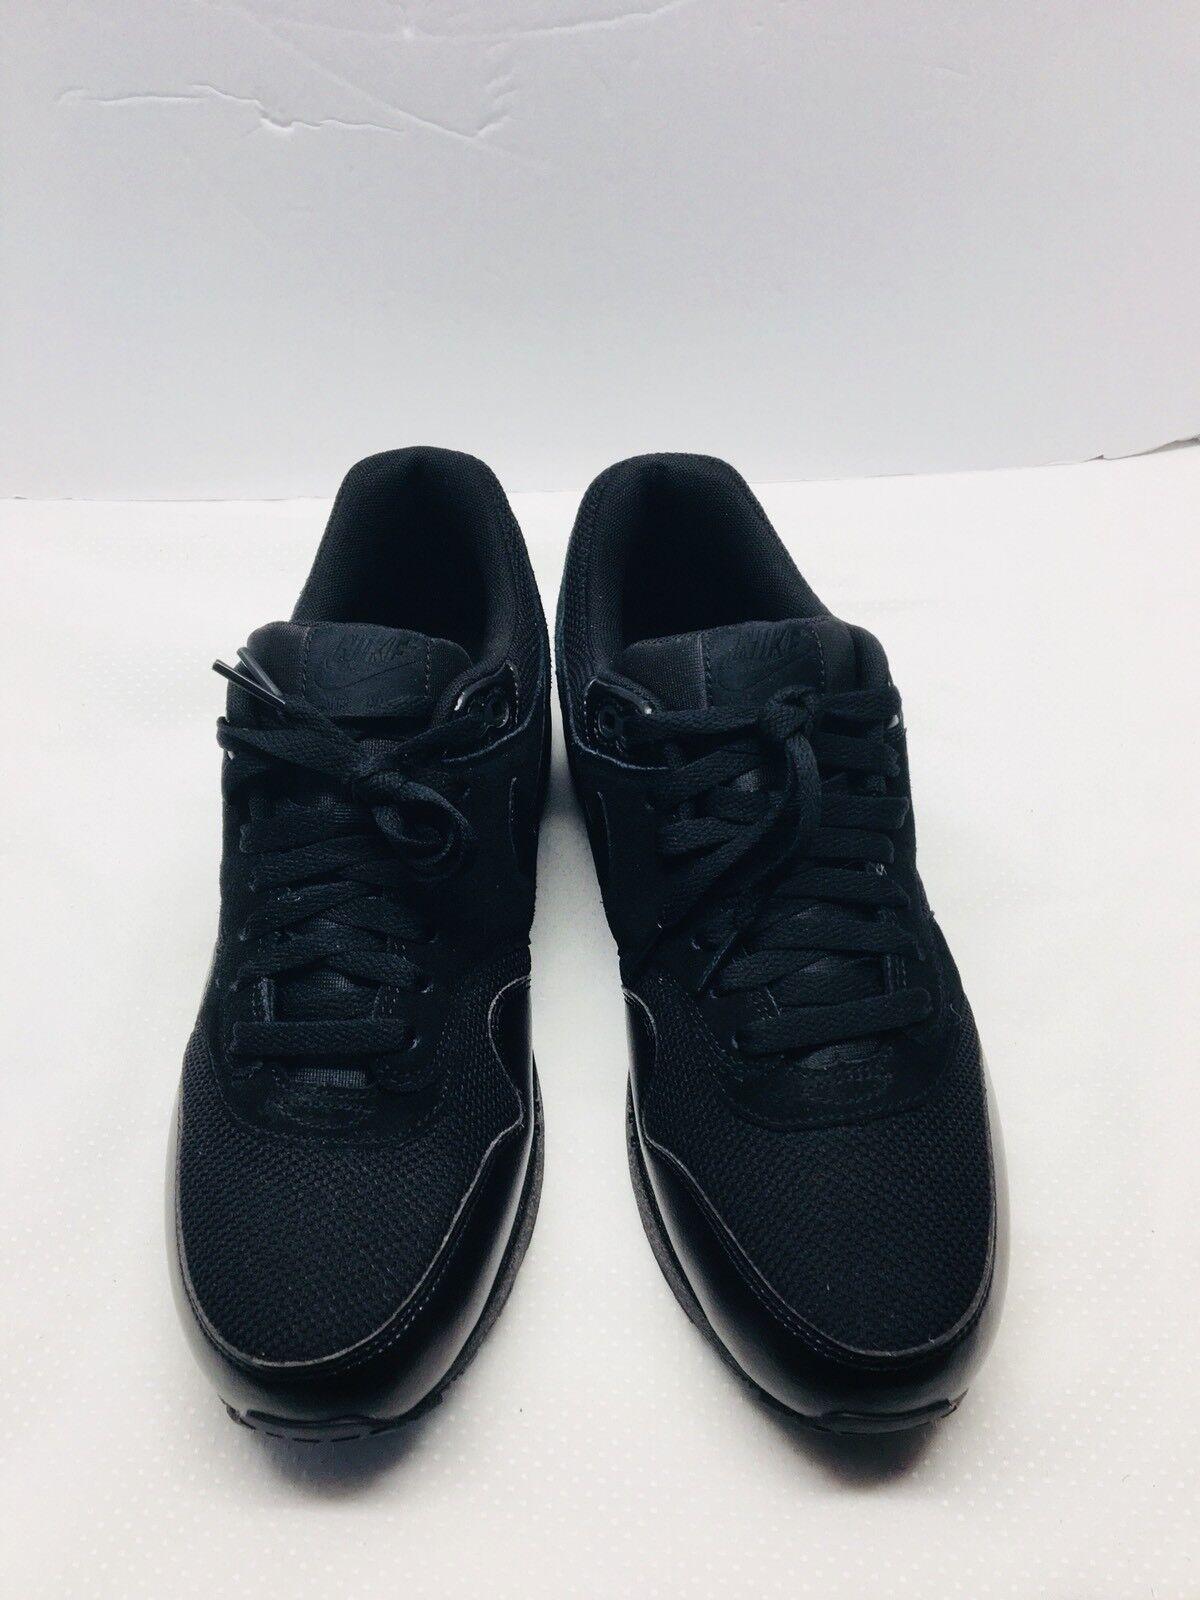 Nike air max 1 essenziale nero / nero 537383-020 uomini sz